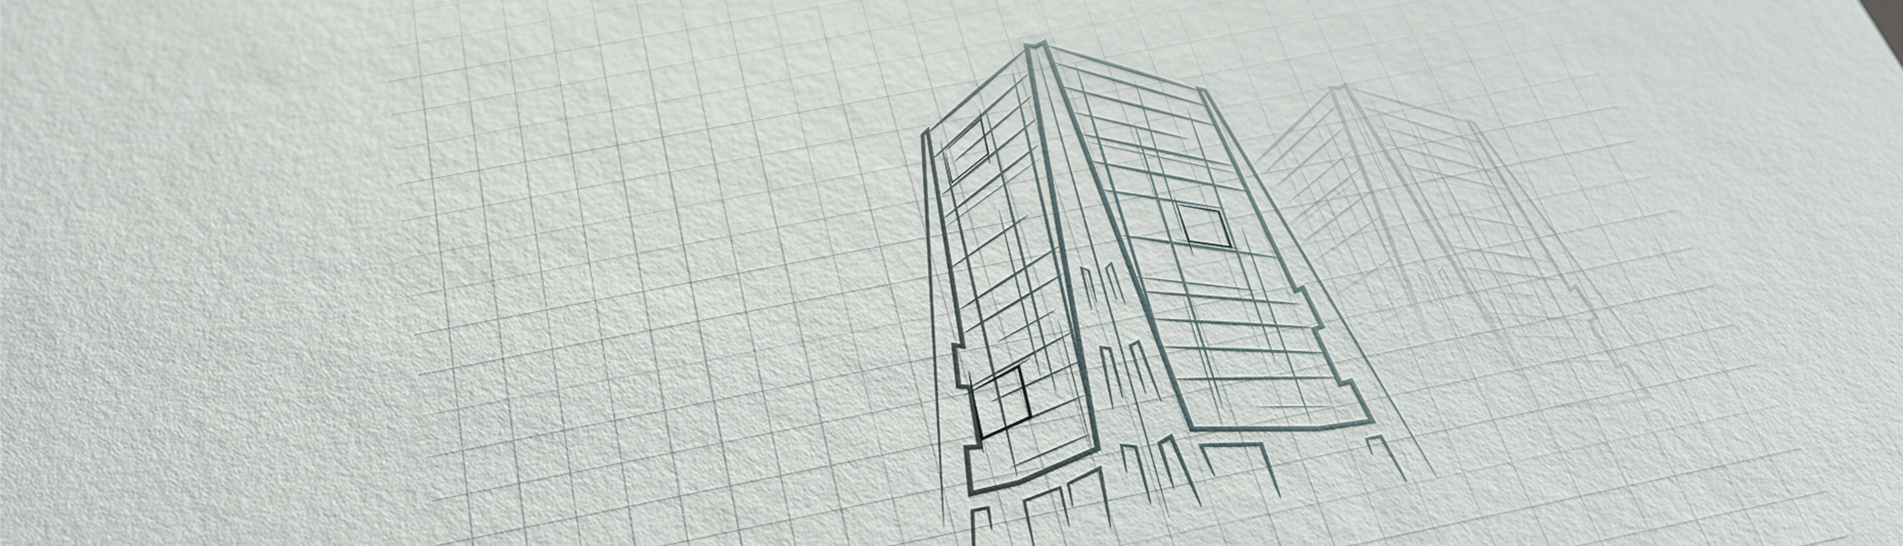 Kako do kvalitetnog upravitelja zgrade?